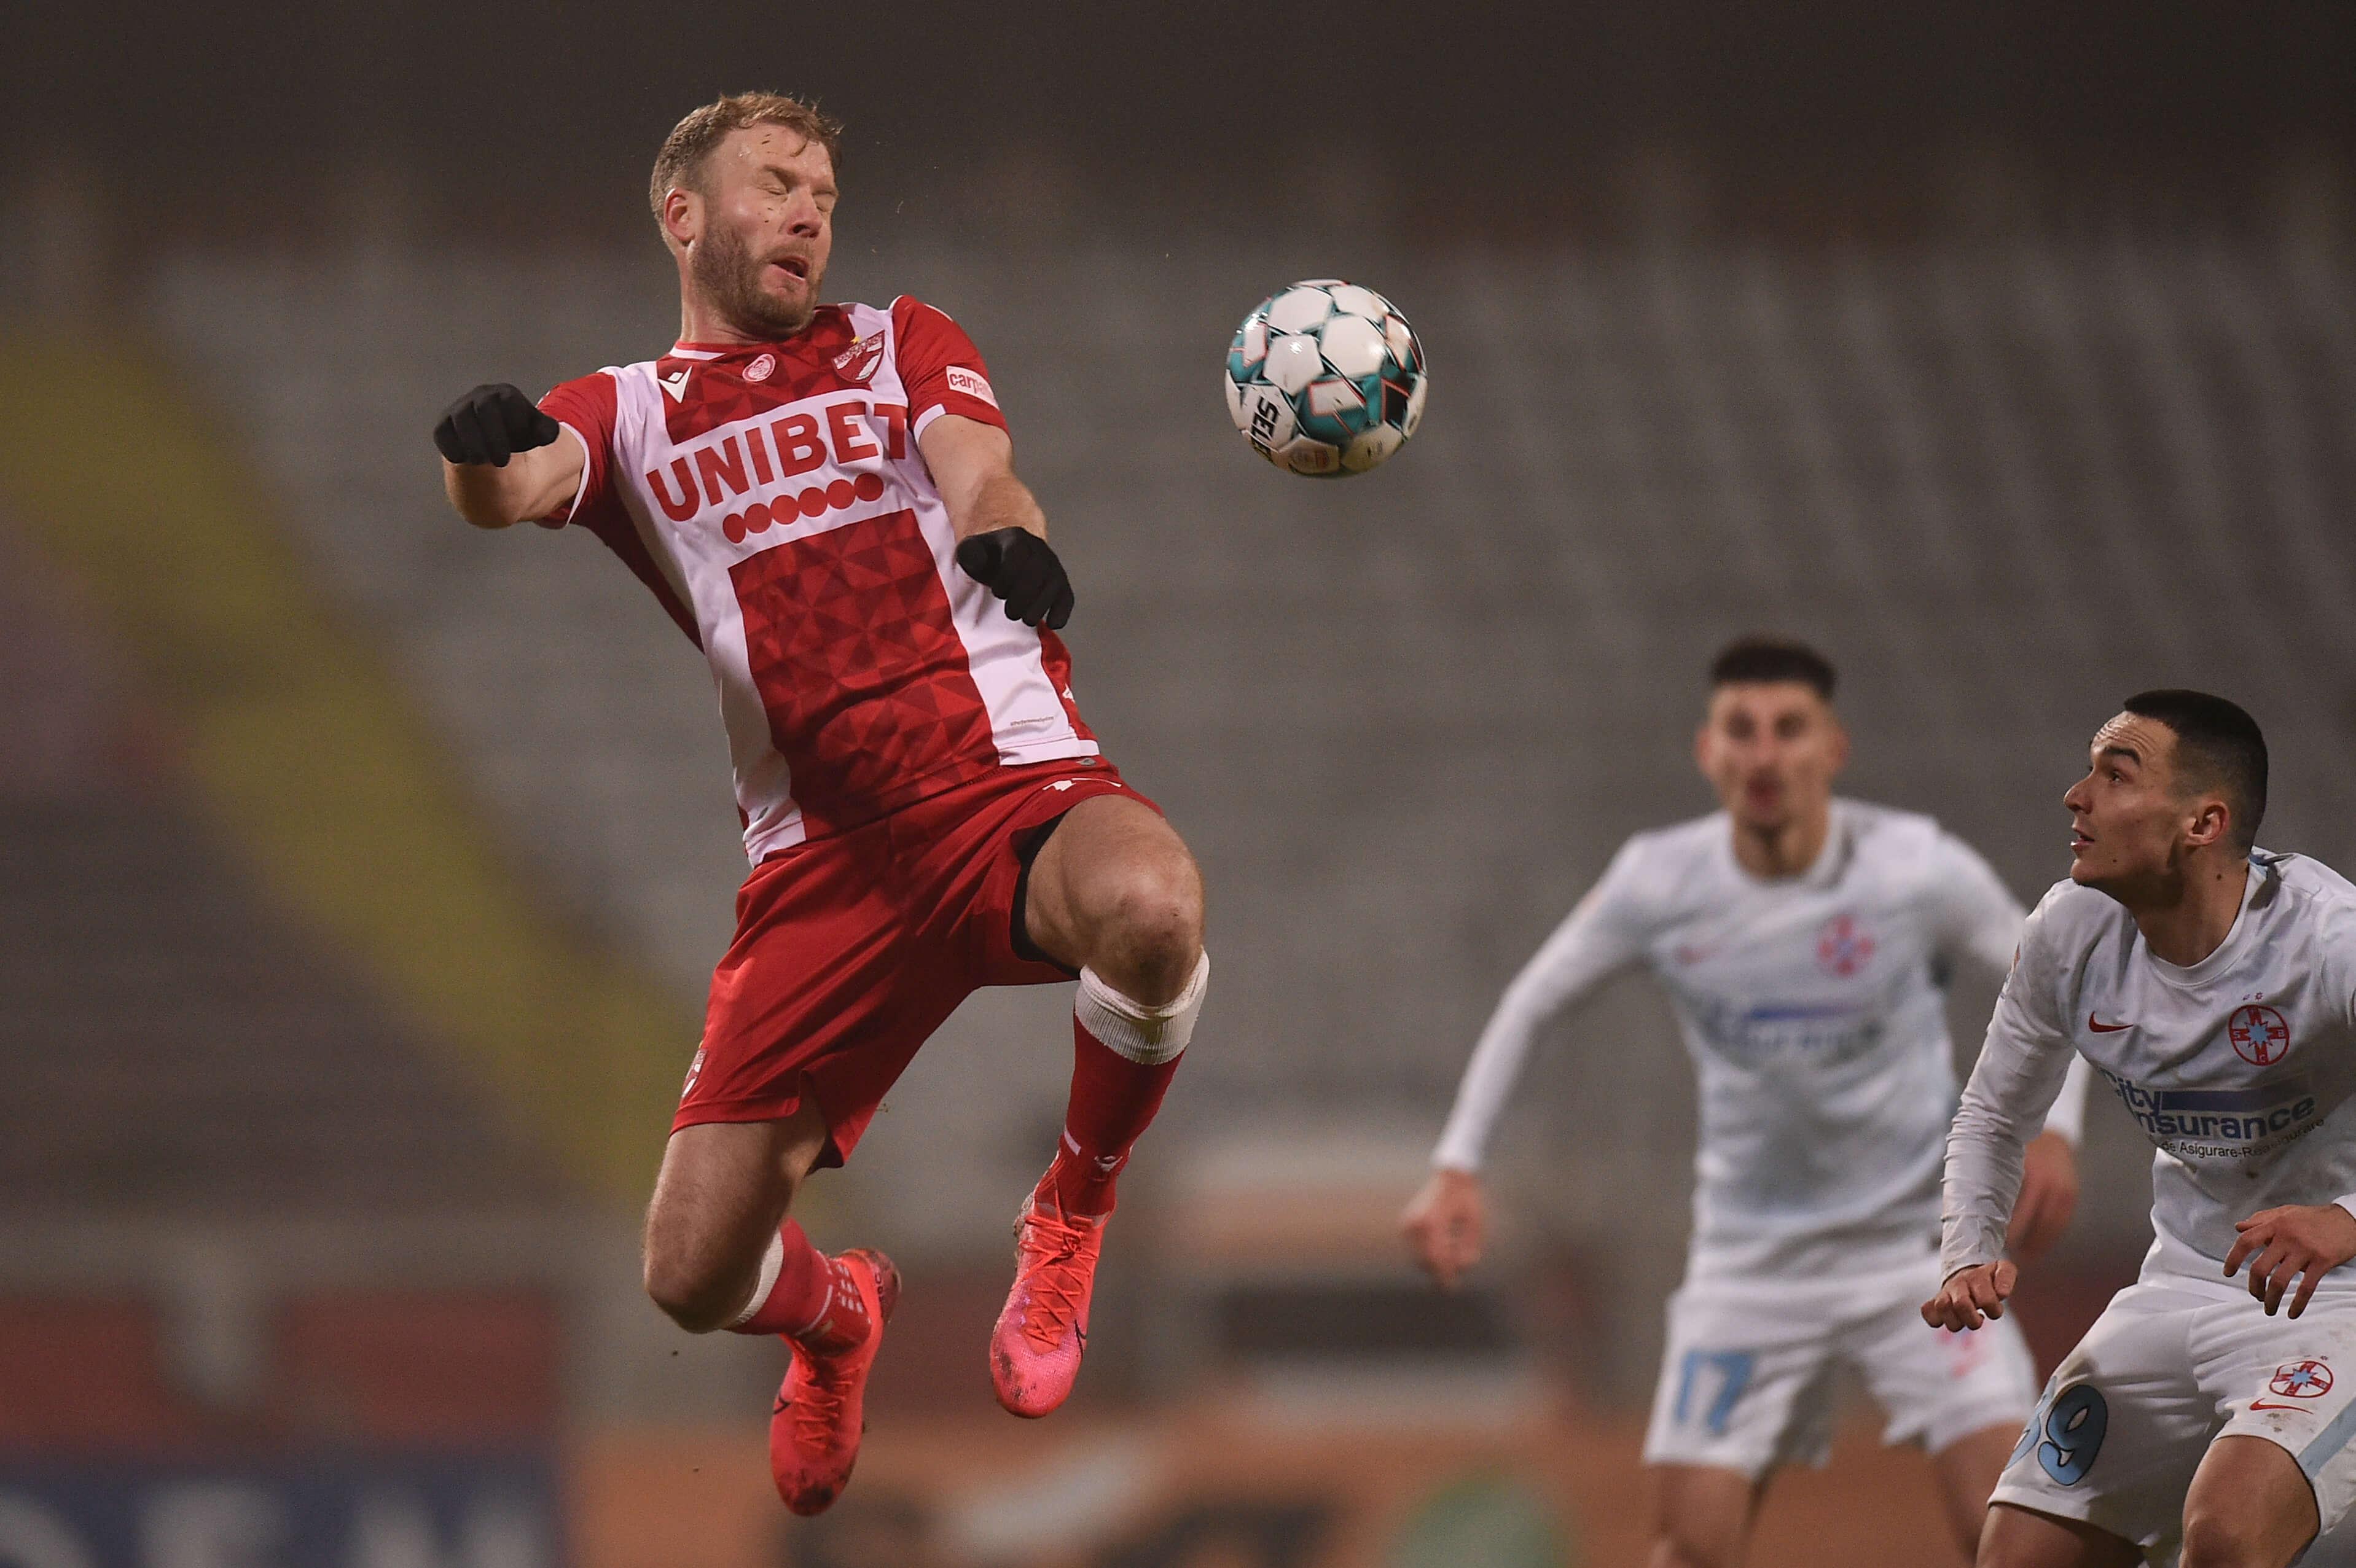 FCSB a câștigat cu 0-1, pe terenul lui Dinamo. Cum s-a desfășurat partida